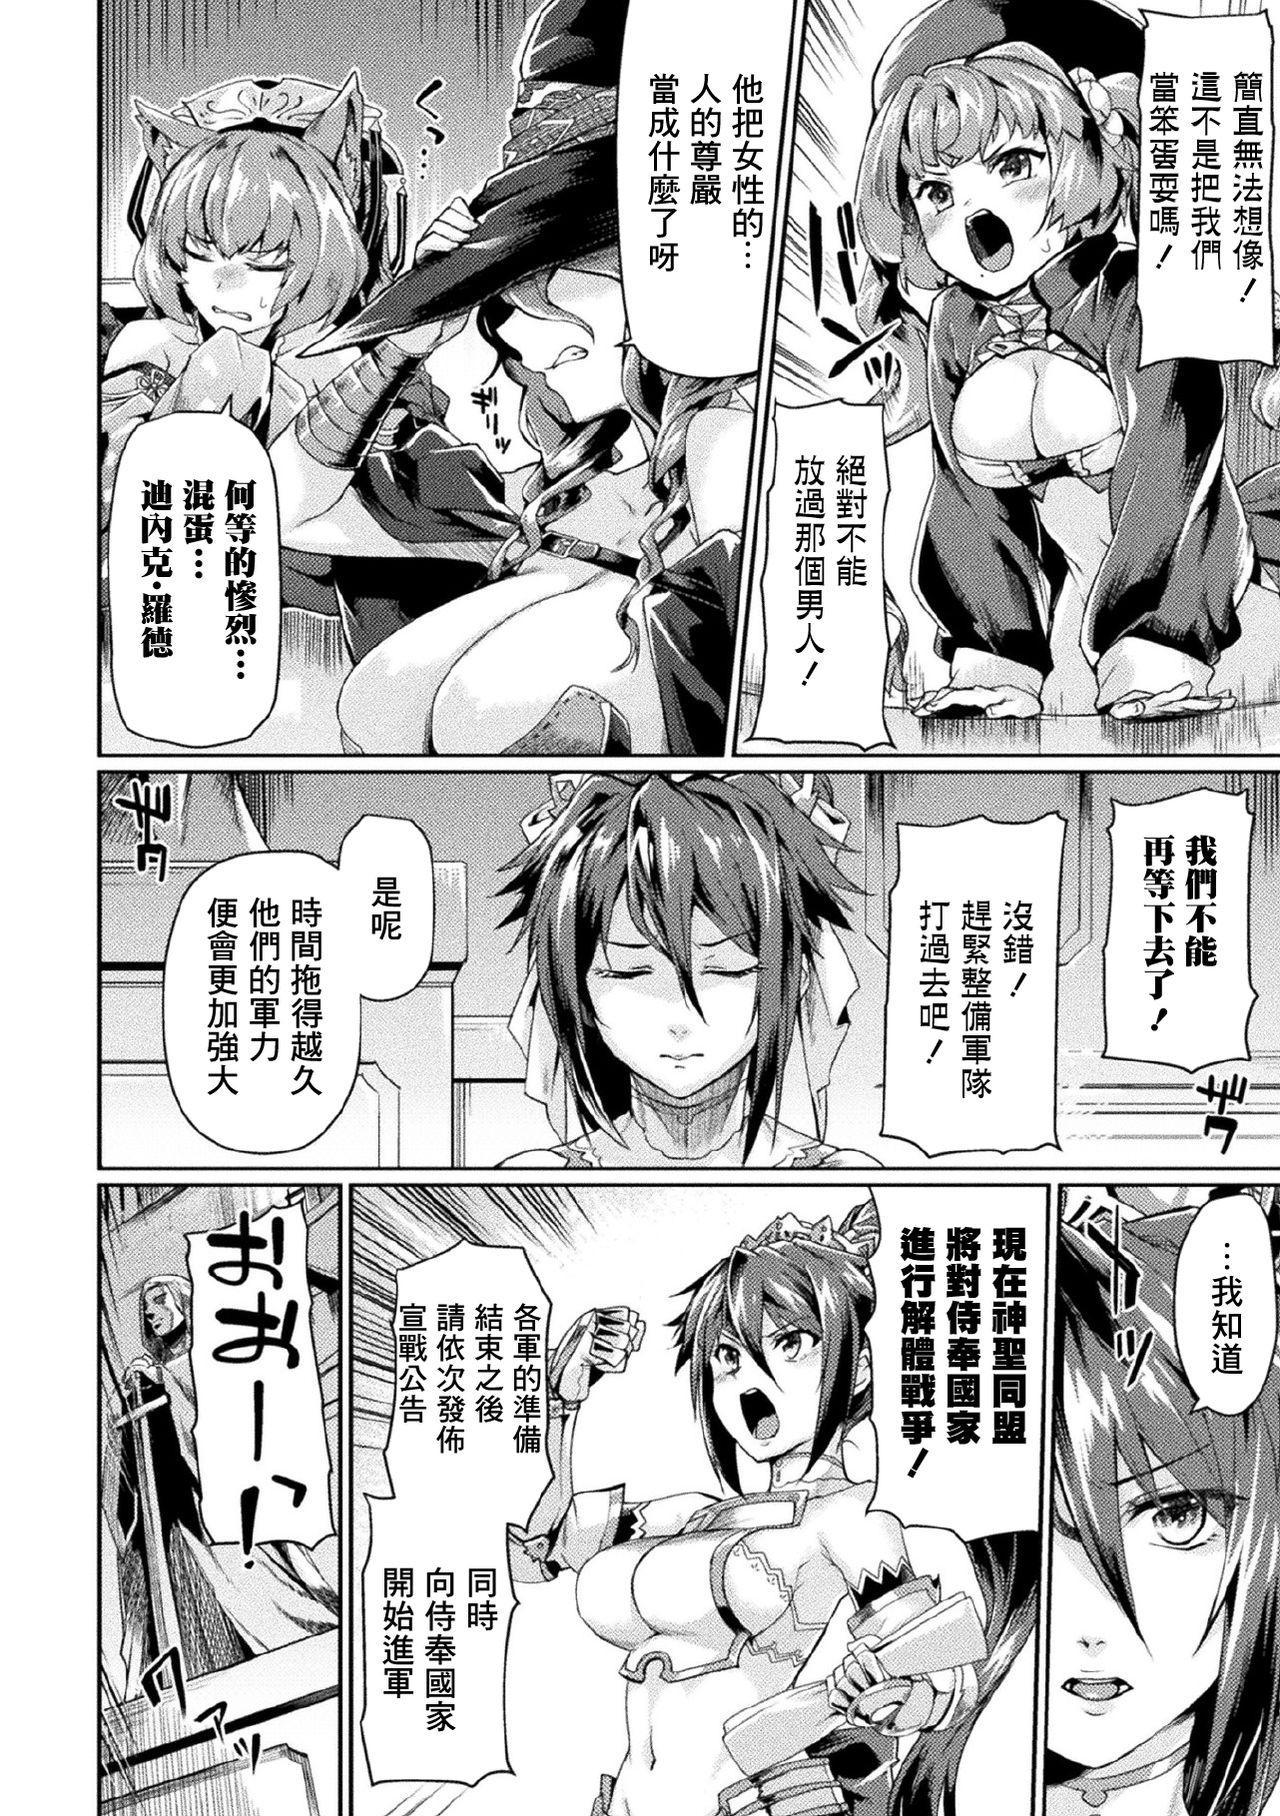 [Tsukitokage] Kuroinu II ~Inyoku ni Somaru Haitoku no Miyako, Futatabi~ THE COMIC Ch. 2 (Haiboku Otome Ecstasy Vol. 21) [Chinese] [鬼畜王漢化組] [Digital] 18